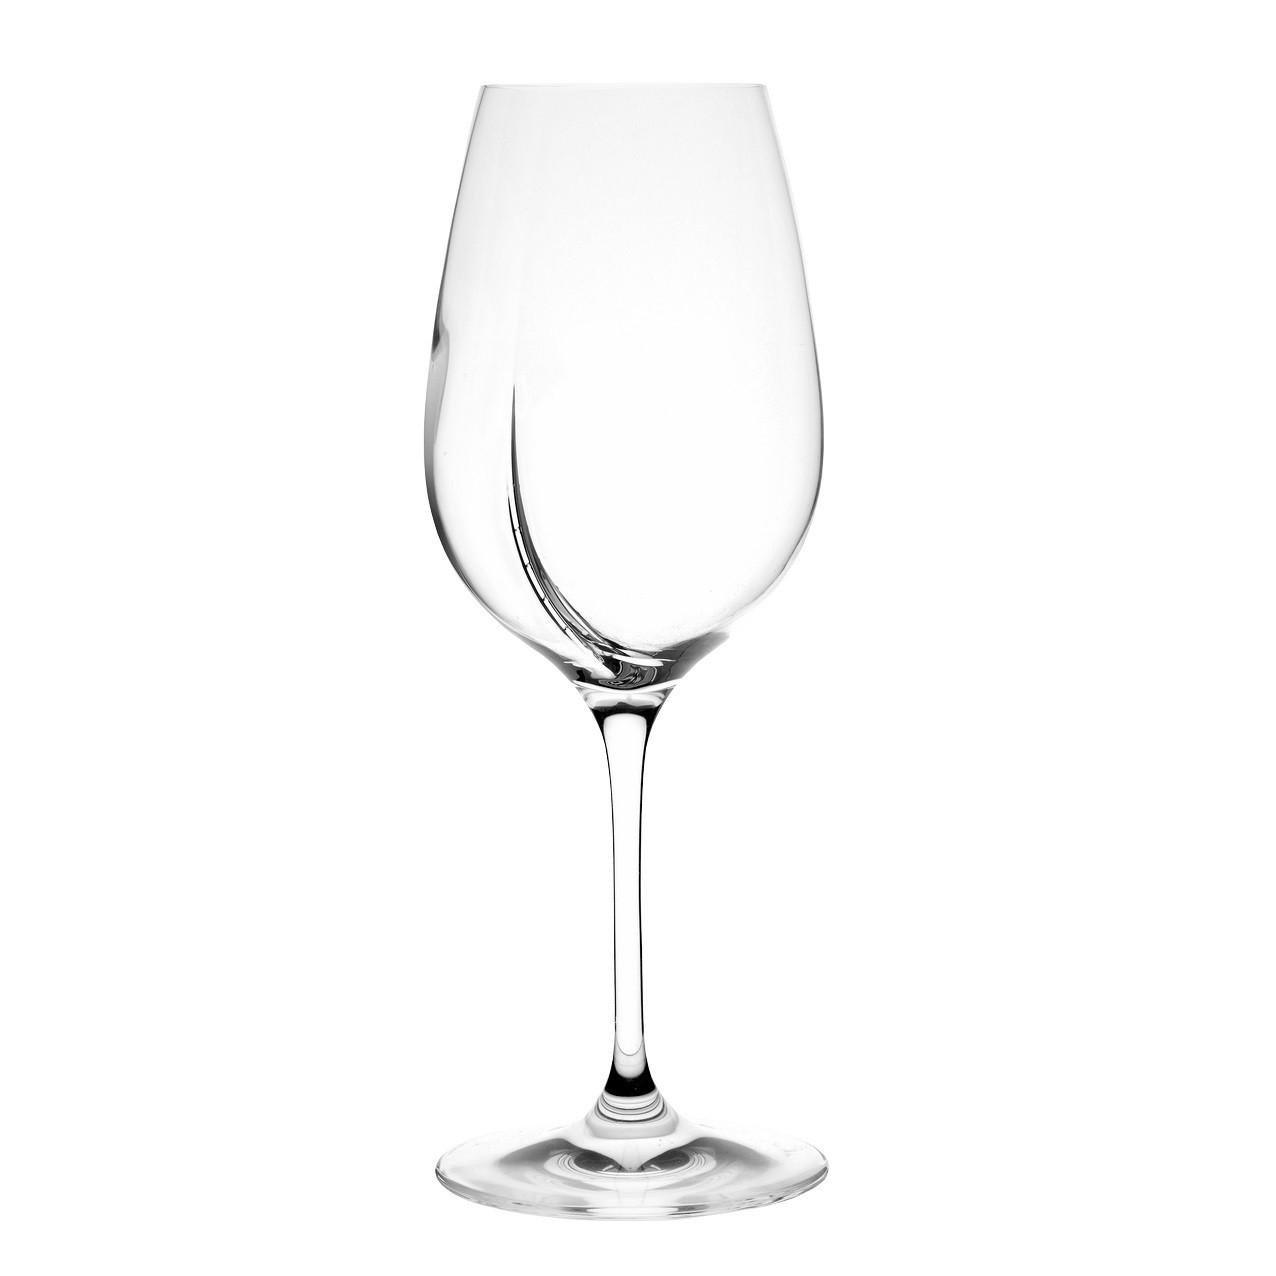 Ποτήρια Γευσιγνωσίας Κρασιού Exploreur Oenology (Σετ των 4) - L' Atelier du Vin